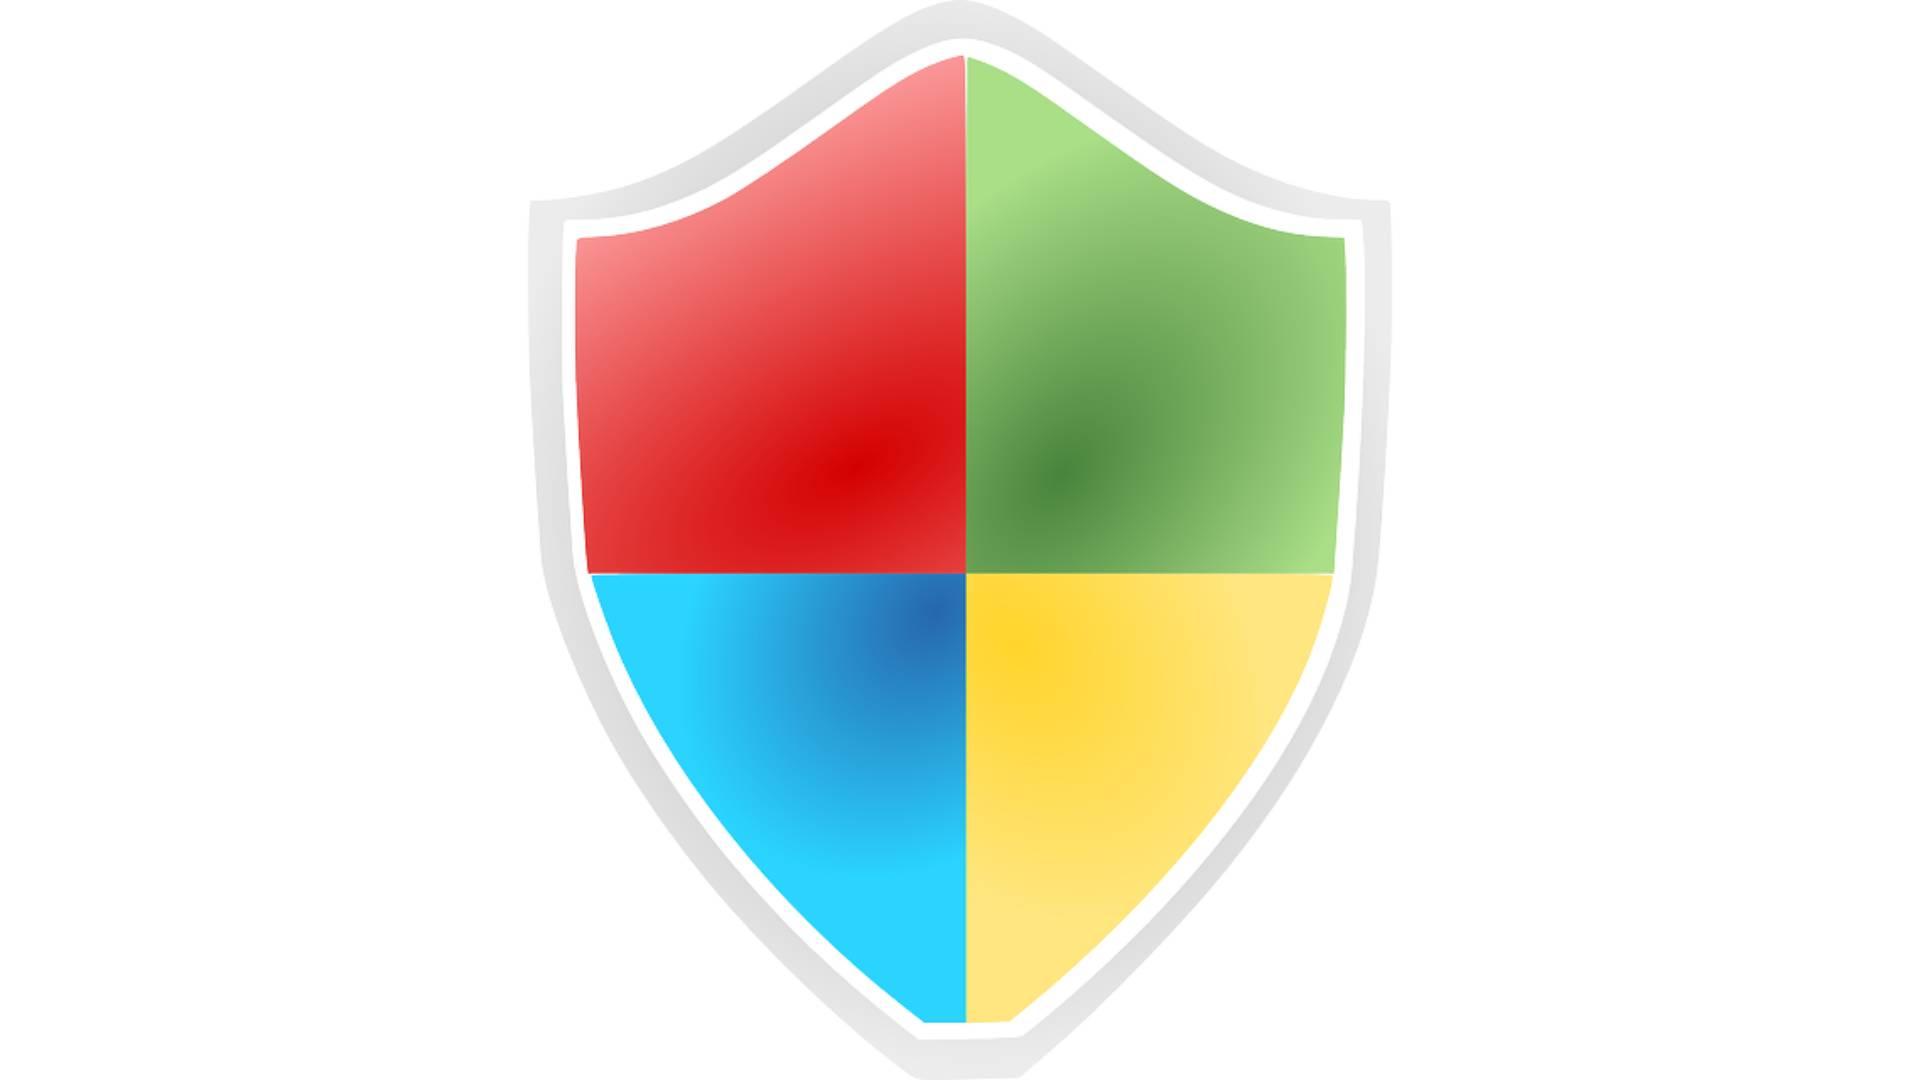 Firewall - Was ist das? Eine Definition